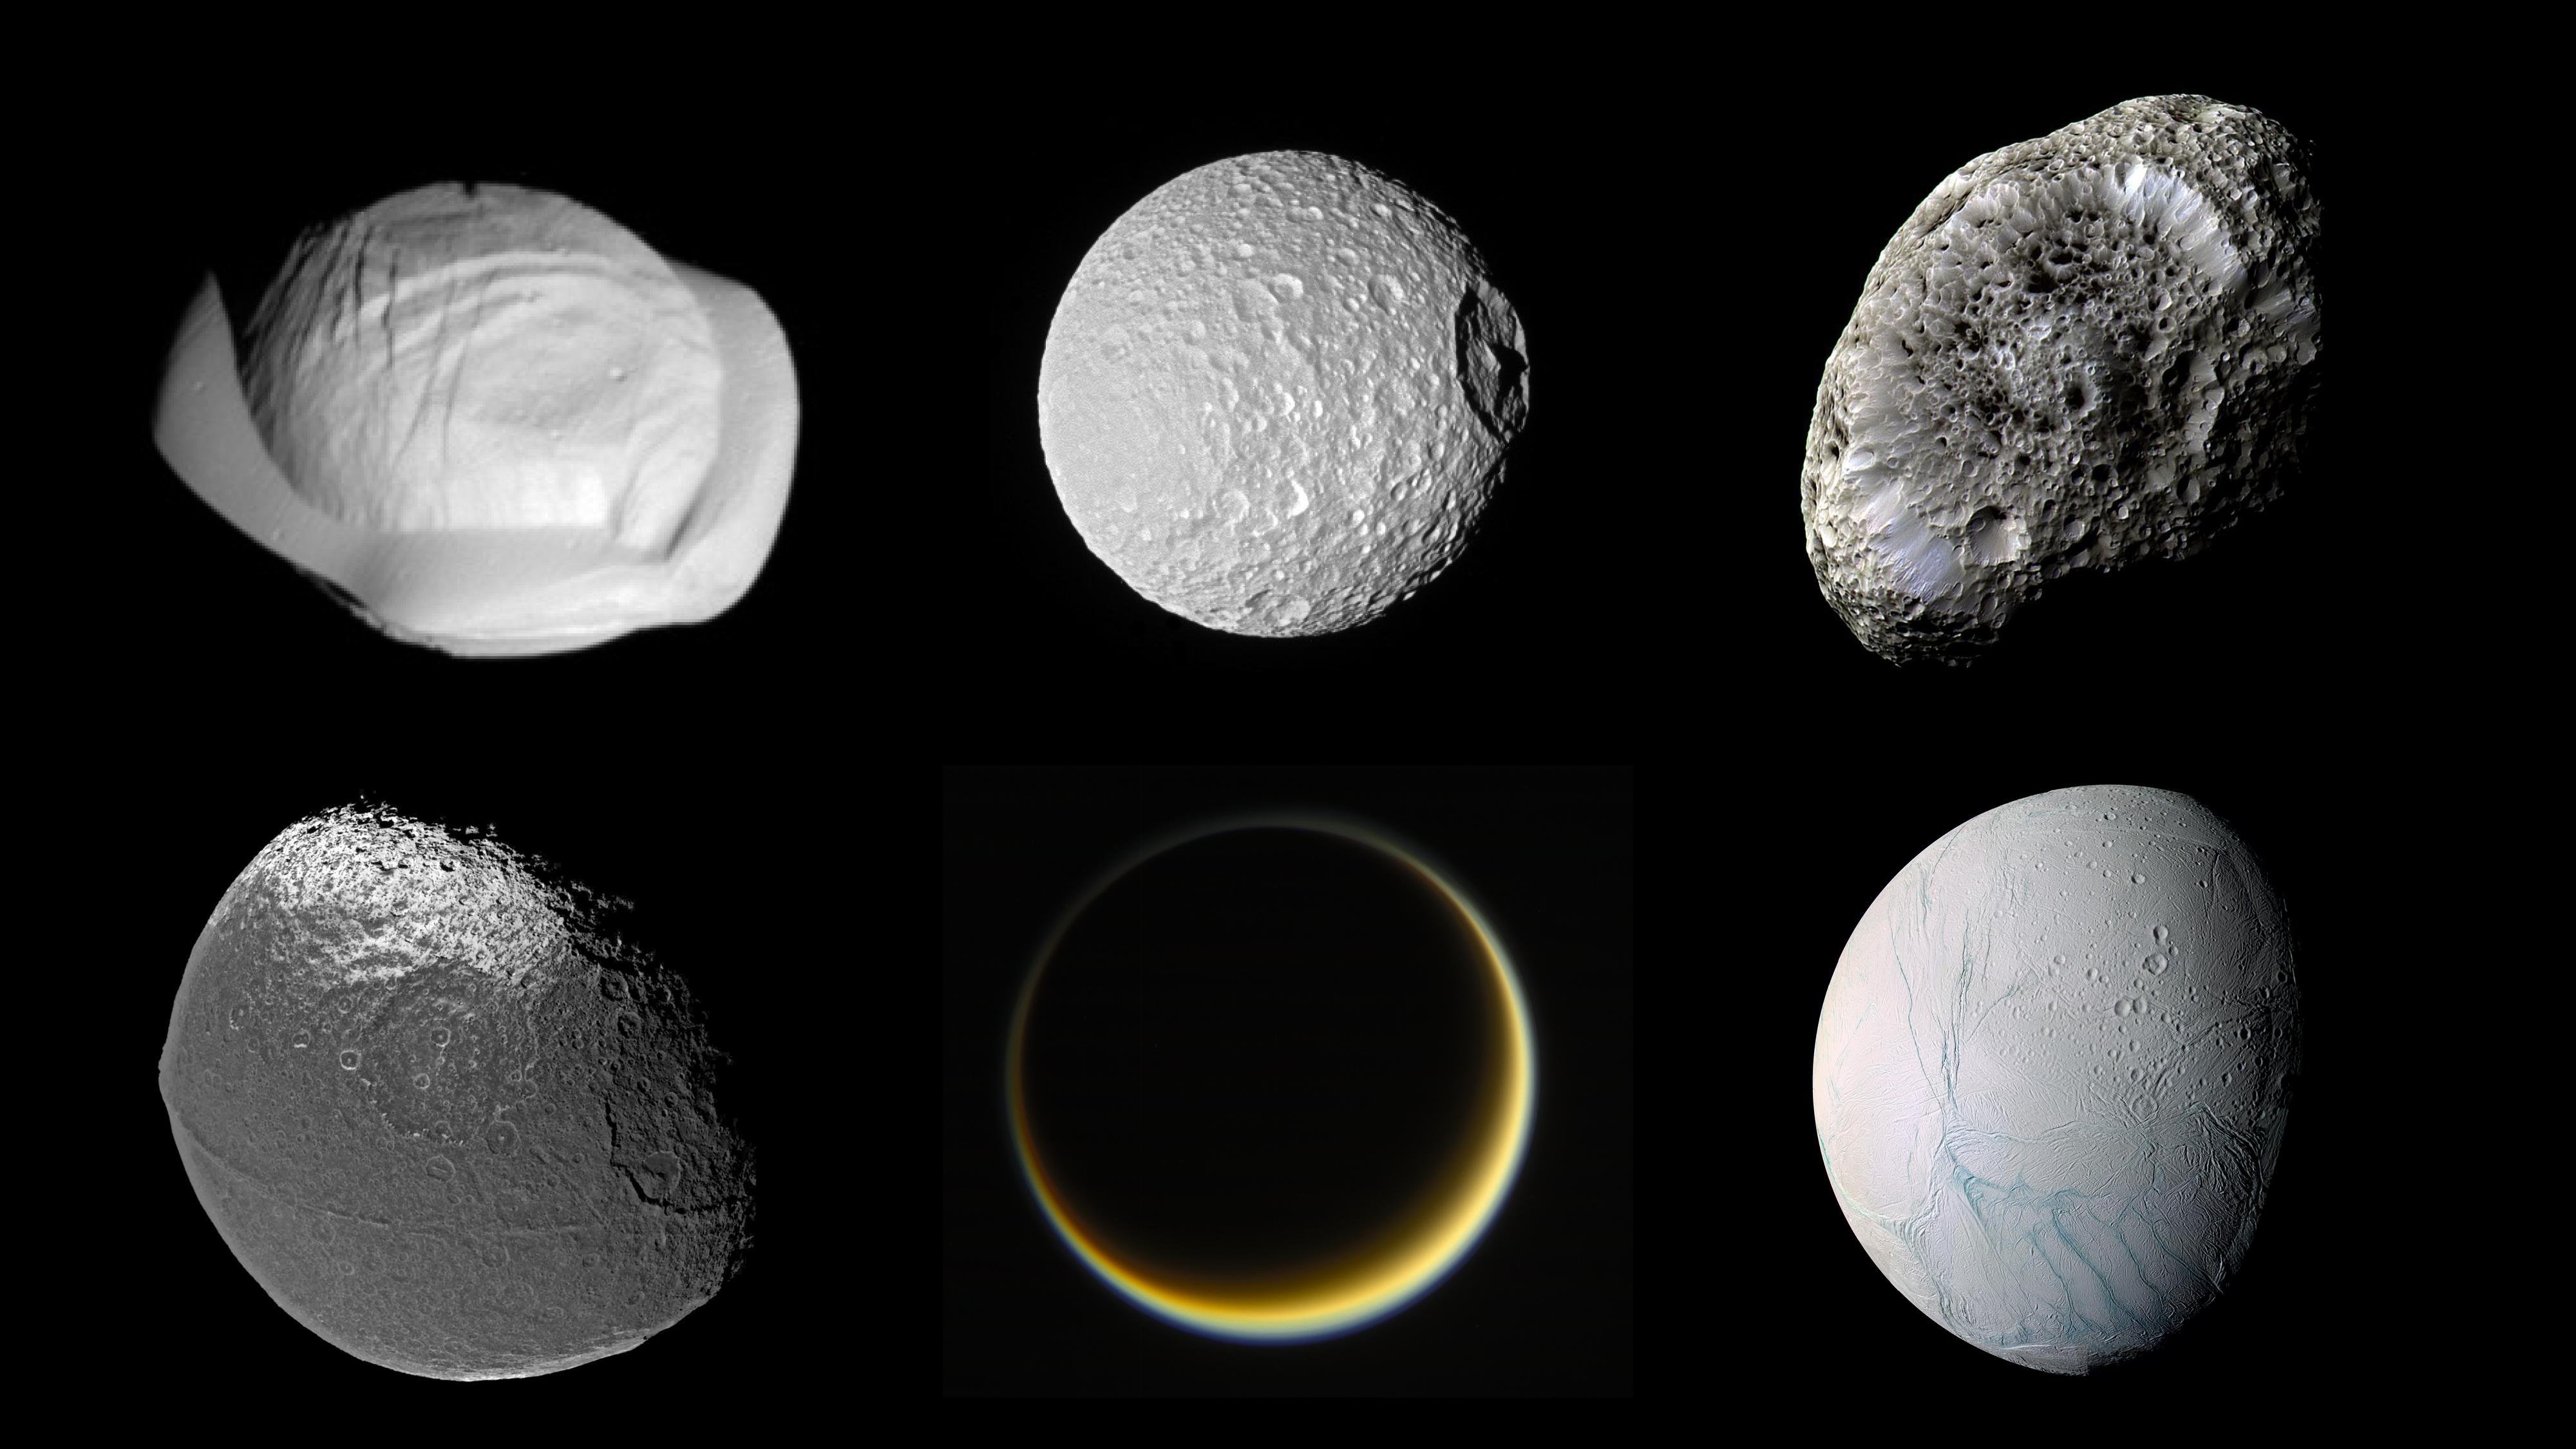 1567214442796-Cassini_Saturn_moons_composite.jpg